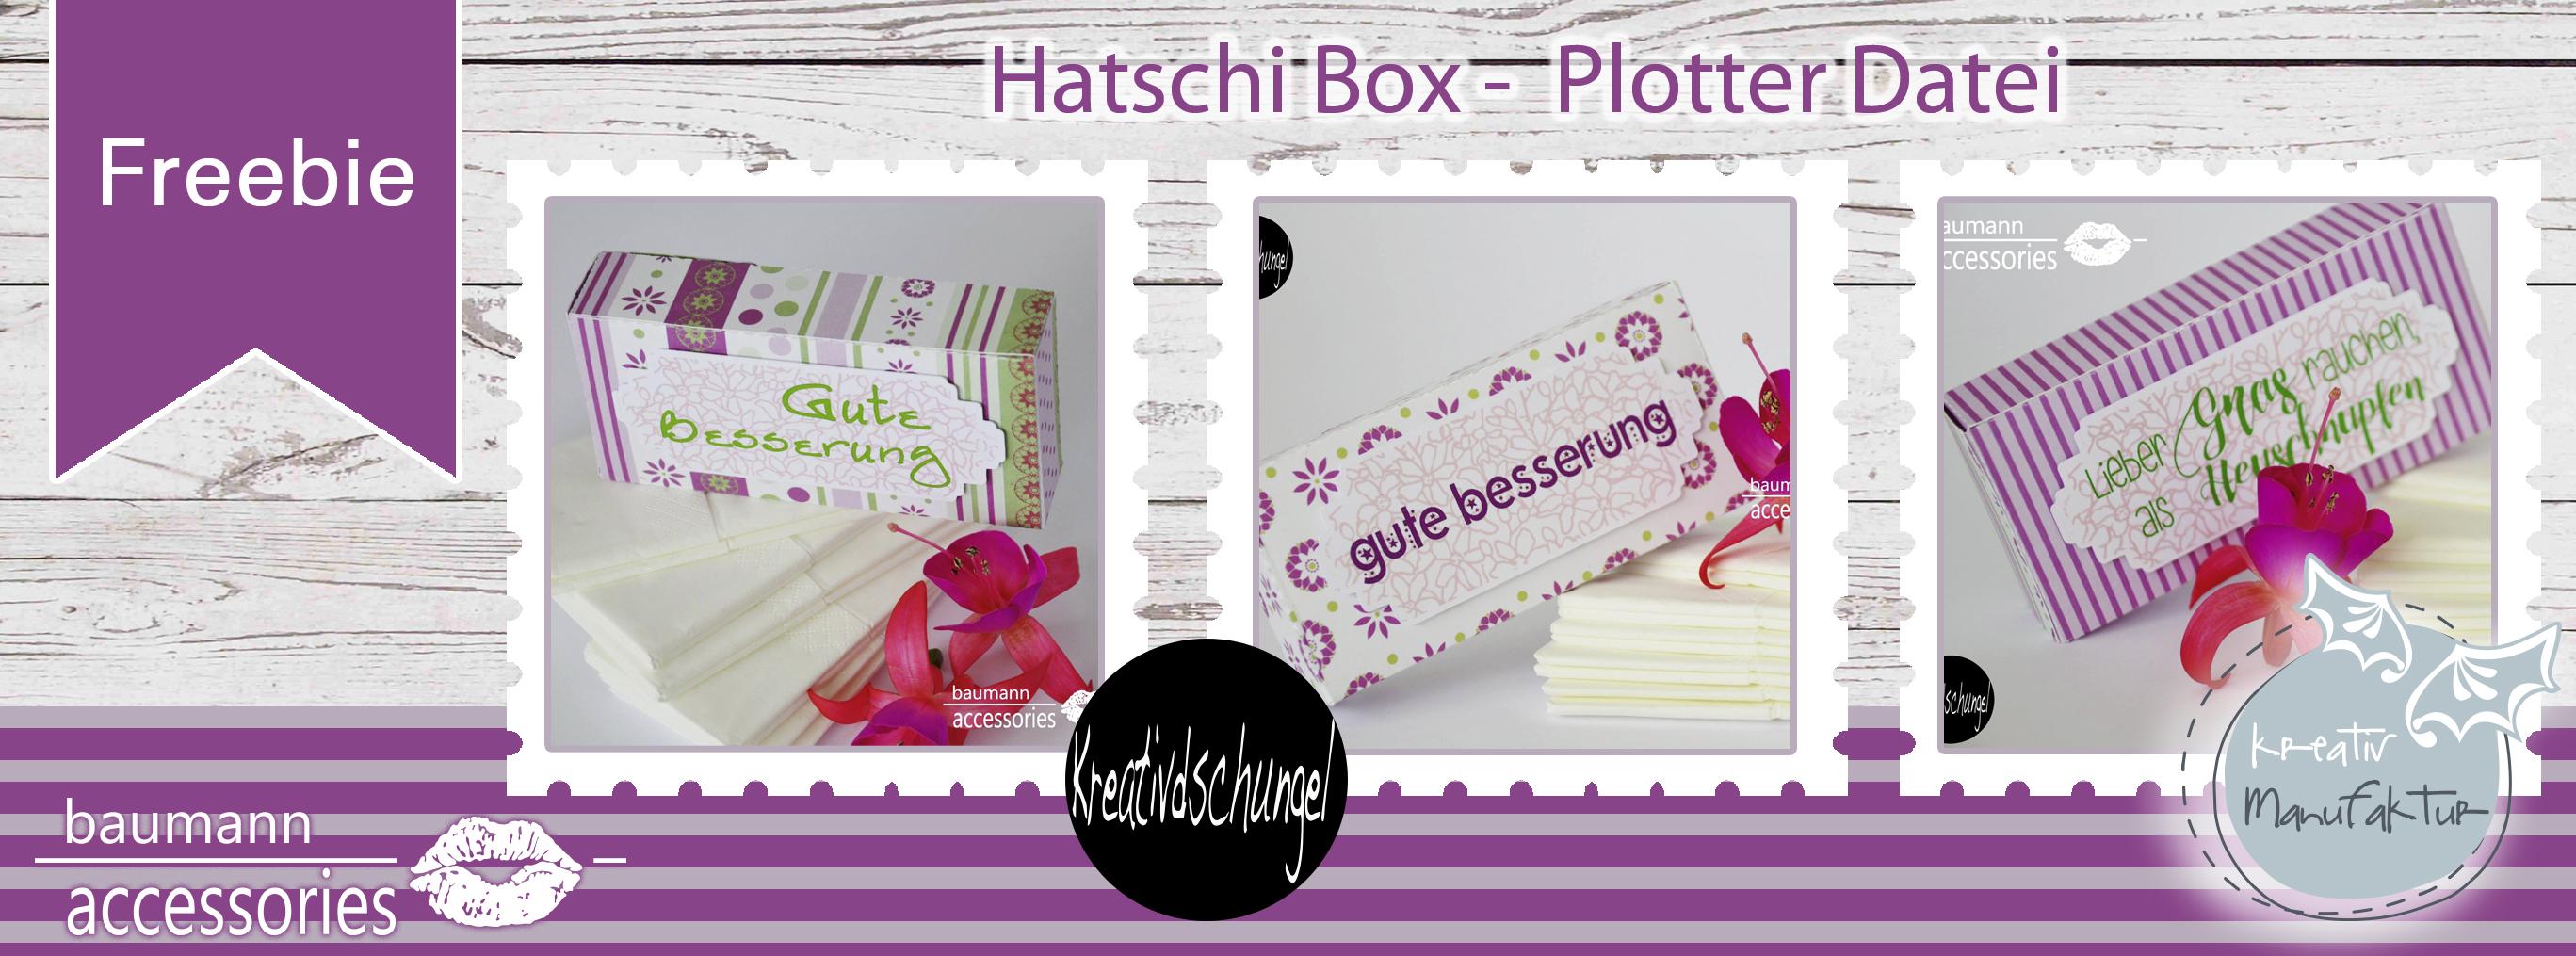 Collage Freebie_Hatschi Box